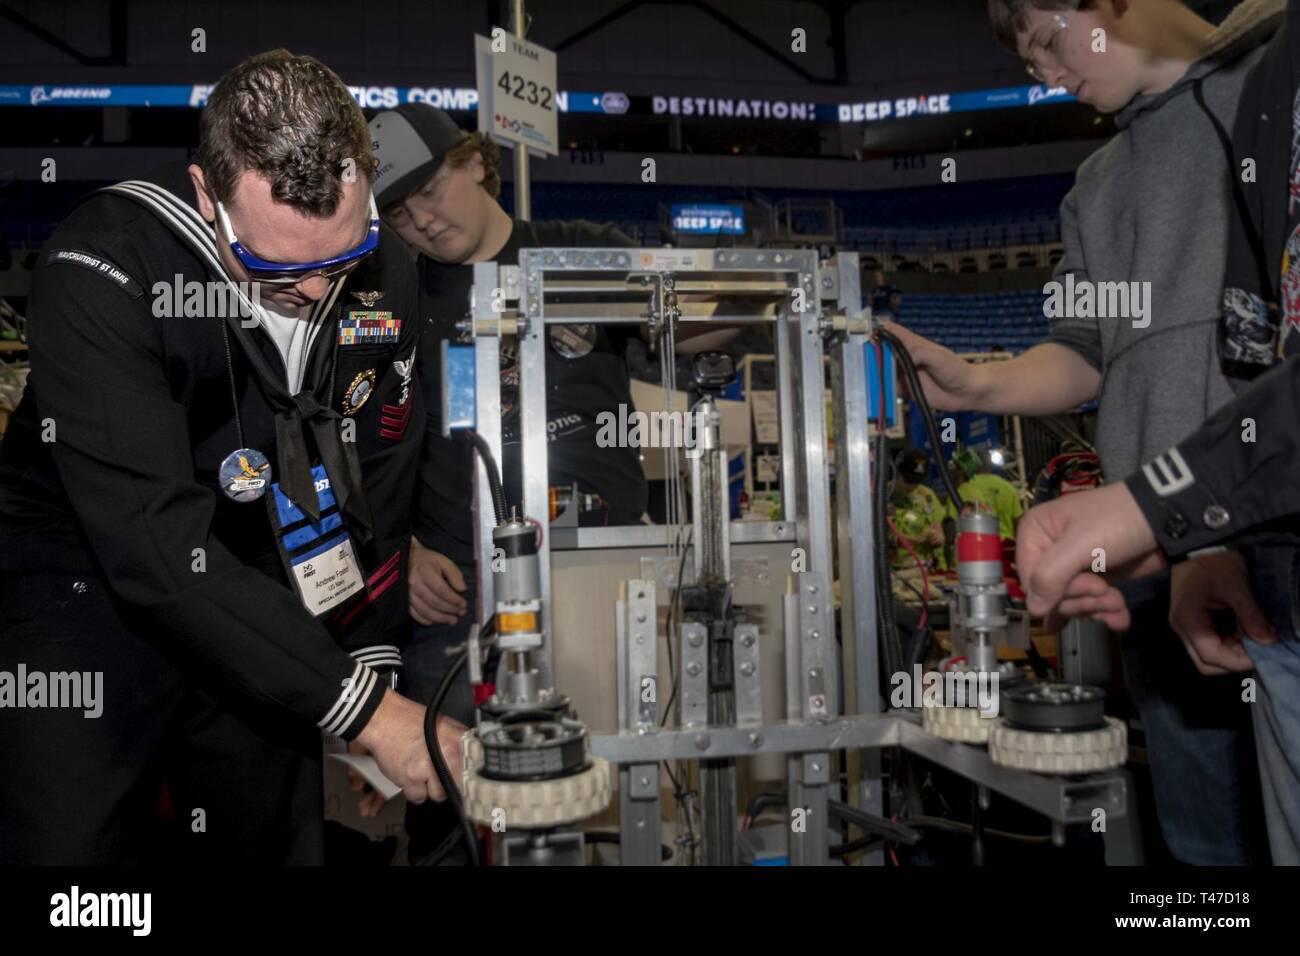 LOUIS (15 marzo 2019) Consigliere marina 1. Classe Andrew Foster, assegnato alla Marina militare del distretto di reclutamento (NRD) St. Louis, luoghi a U.S. Navy adesivo su un Alton High School, Ill., robot durante l ispirazione e il riconoscimento della scienza e della tecnologia (primo) Robotics St. Louis concorso regionale, Marzo 15, 2019. Primo Robotics è un liceo internazionale robotics concorso organizzato ogni anno in cui le squadre di studenti delle scuole superiori, allenatori e istruttori costruire gioco di robot che completare le attività come sfere di scoring in obiettivi, i dischi volanti in obiettivi, tubi interni su rack, appeso sul Foto Stock